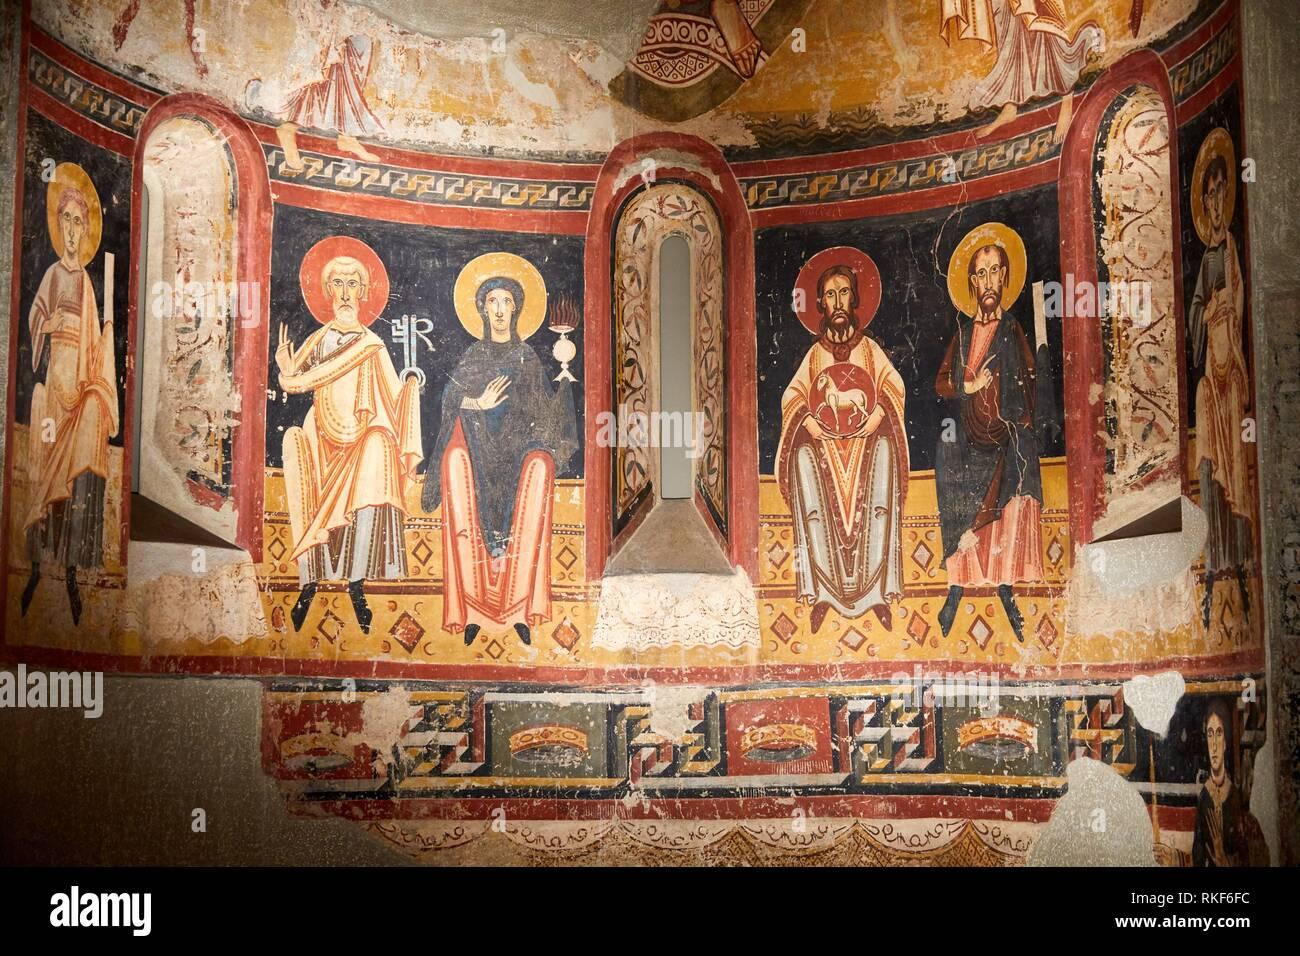 Apse of Burgal, S. XI-XII, Master of Pedret, Medieval Romanesque paintings, National Museum of Catalan Art, Museu Nacional d Art de Catalunya, MNAC, Stock Photo